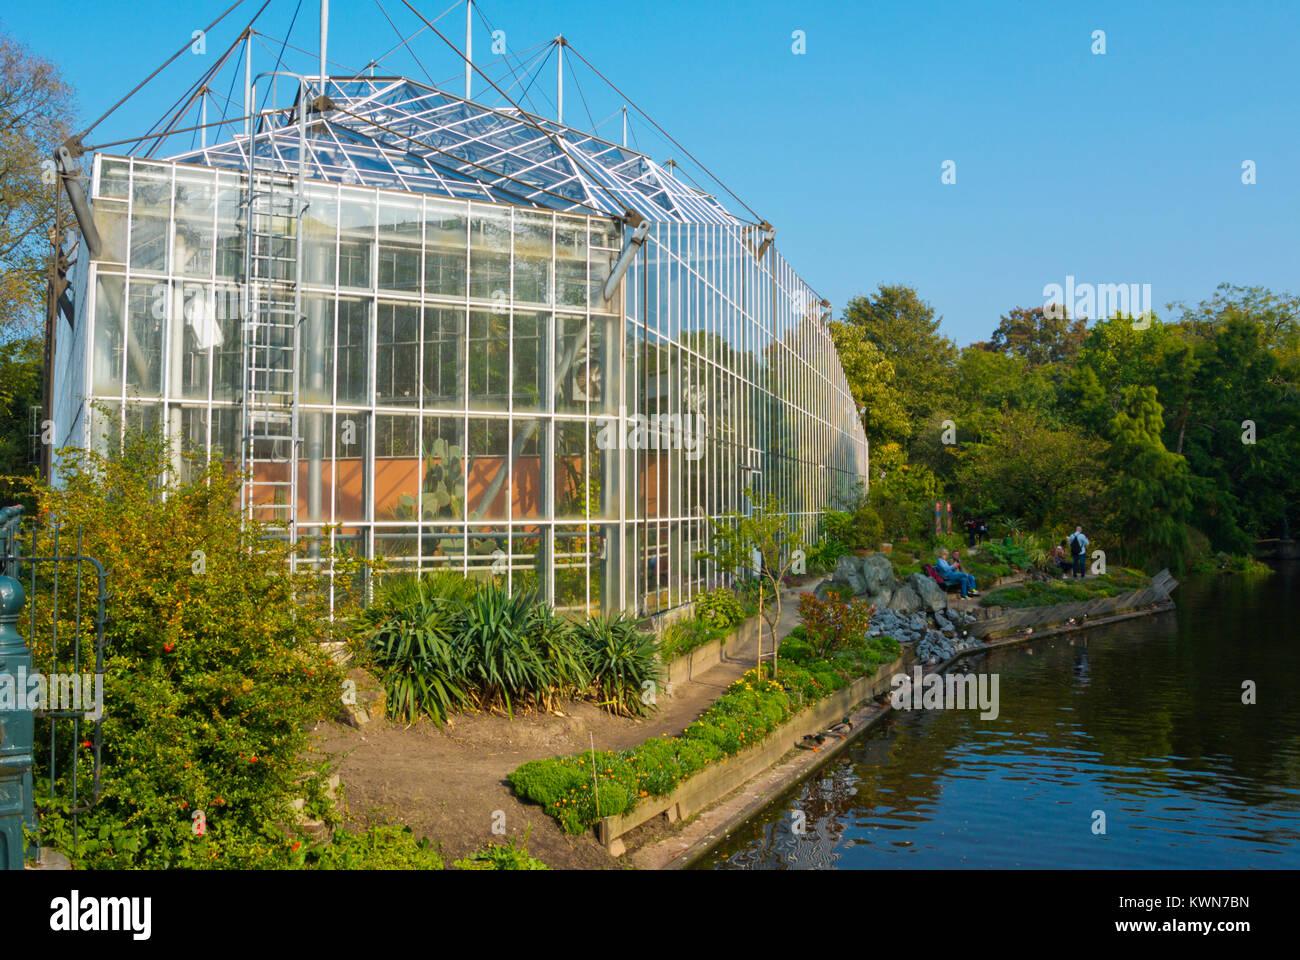 Hortus Botanicus Botanischer Garten Amsterdam Niederlande